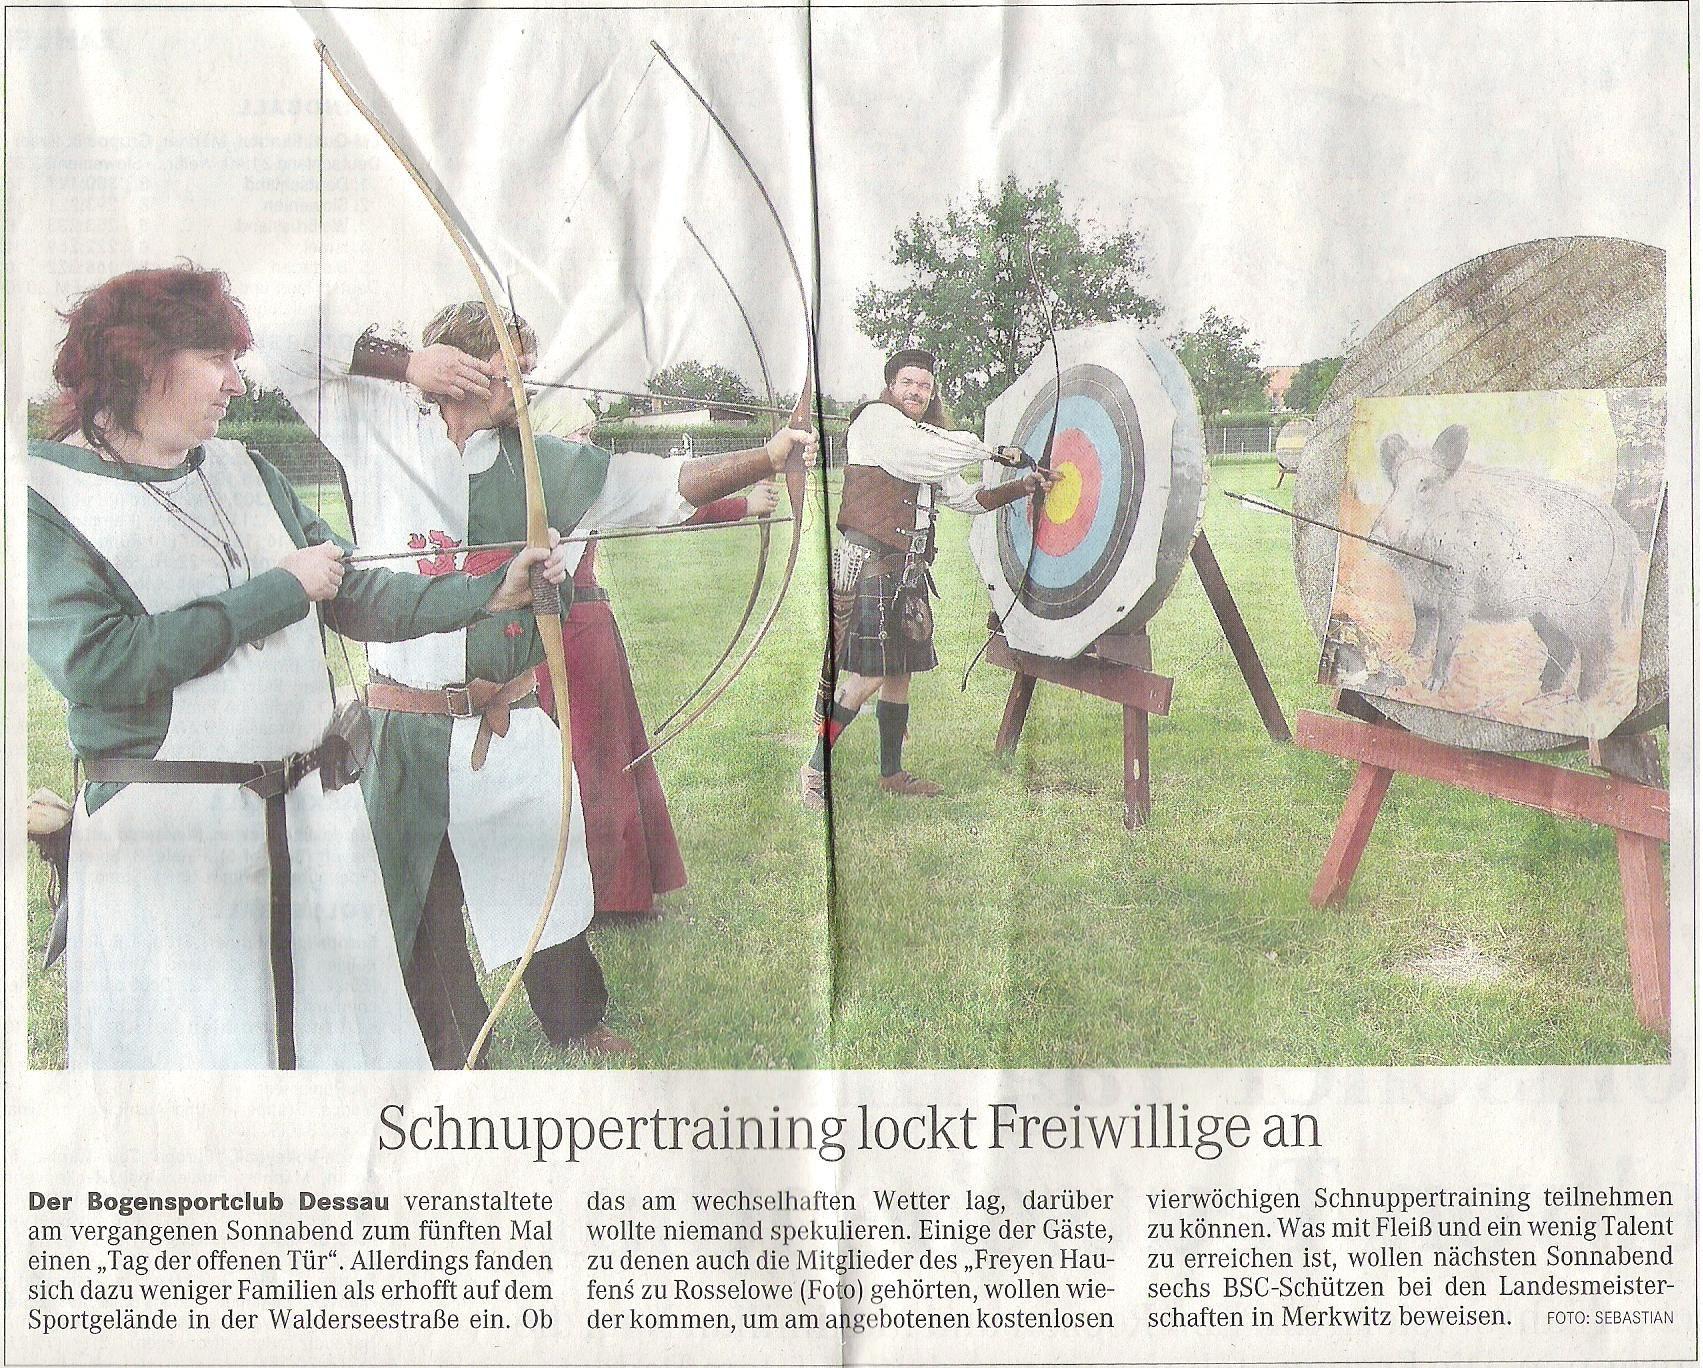 Tag der offenen Tür – Mitteldeutsche Zeitung vom 22.06.2009